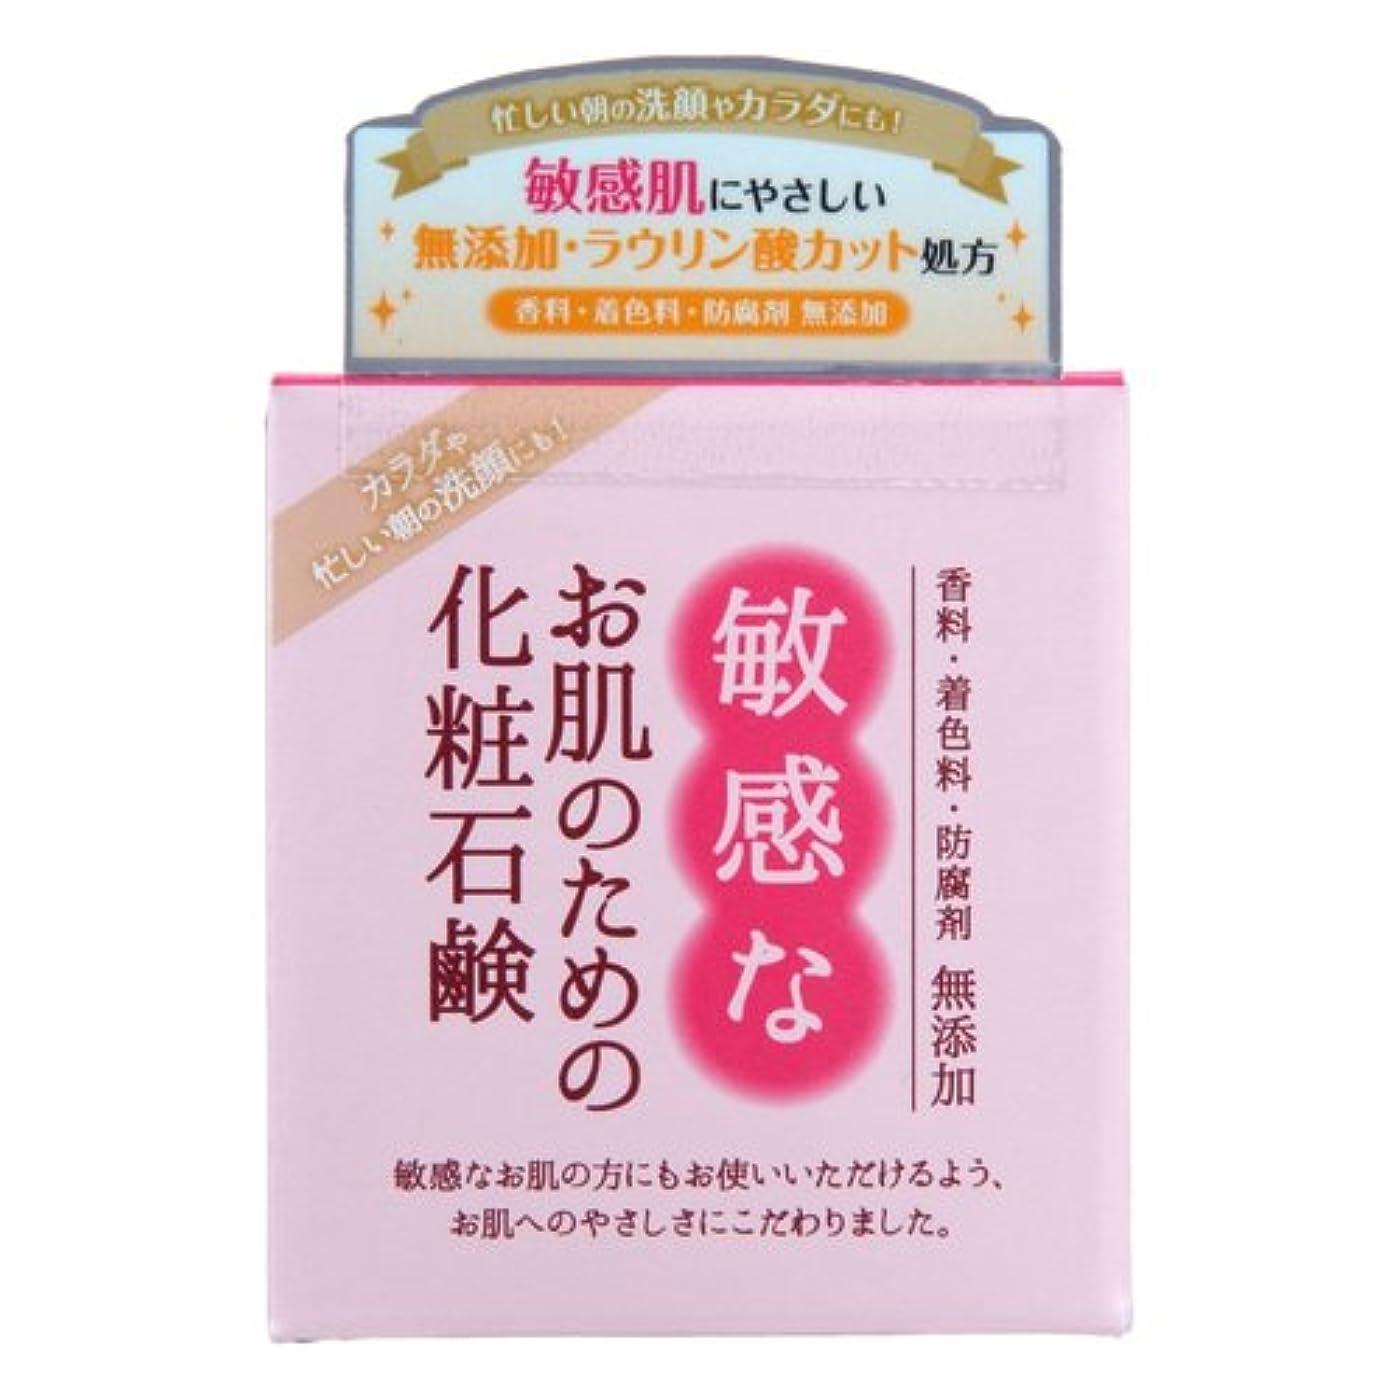 飢饉トロピカル会計敏感なお肌のための化粧石鹸 100g CBH-S